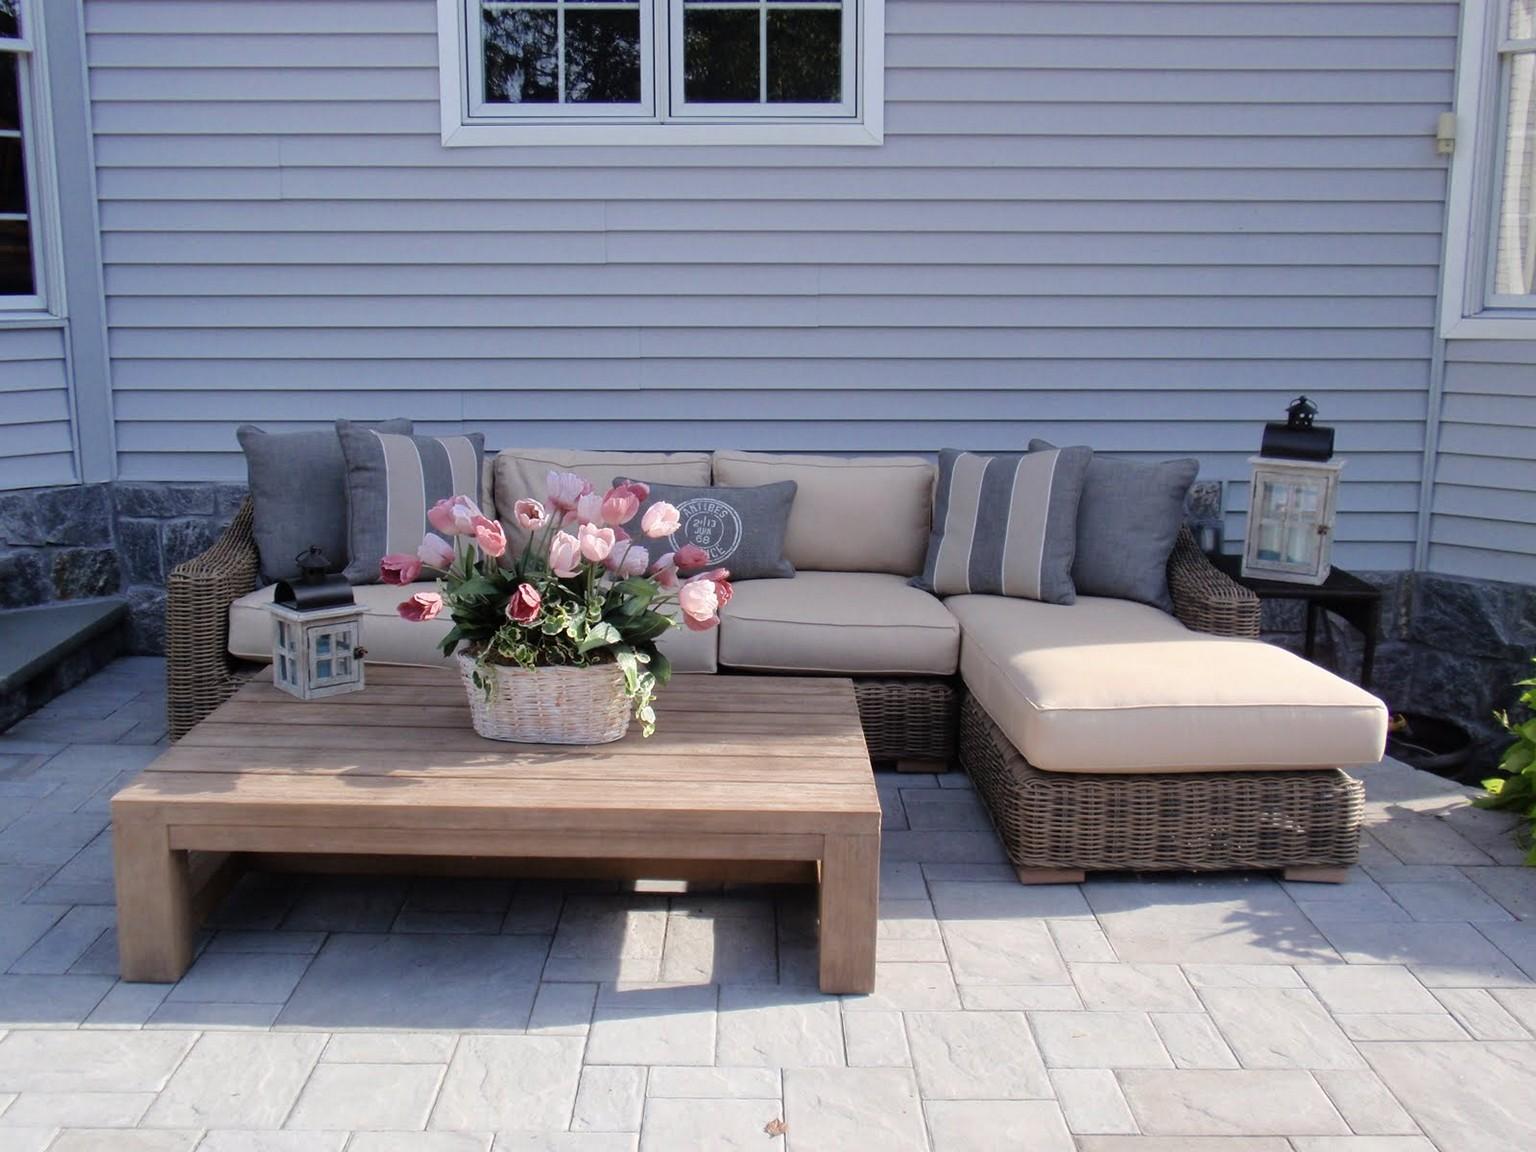 patio furniture ideas photo - 7